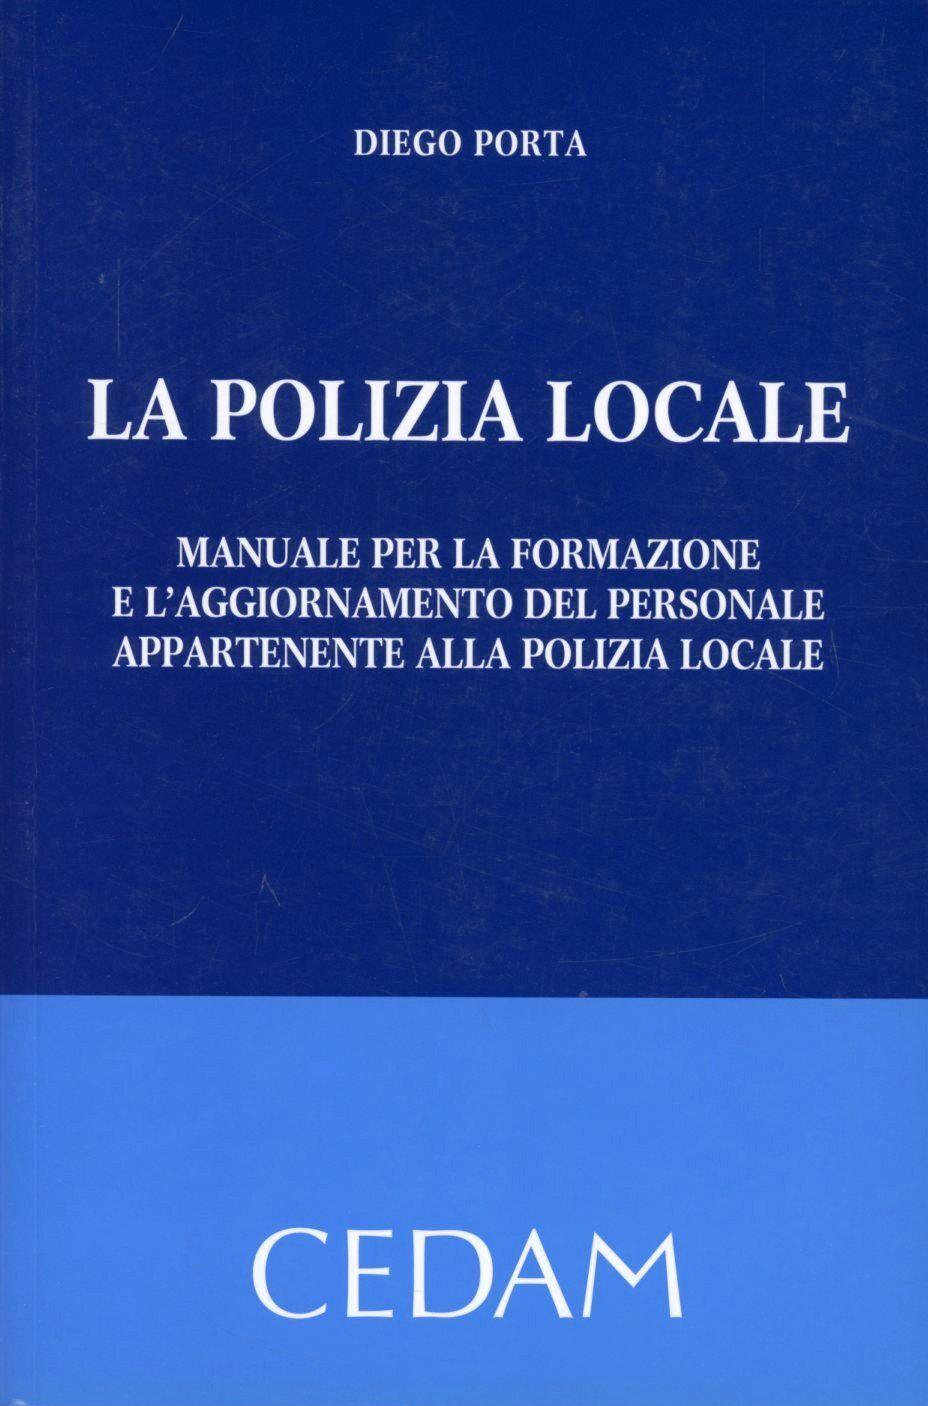 La polizia locale. Manuale per la formazione e l'aggiornamento del personale appartenente alla polizia locale